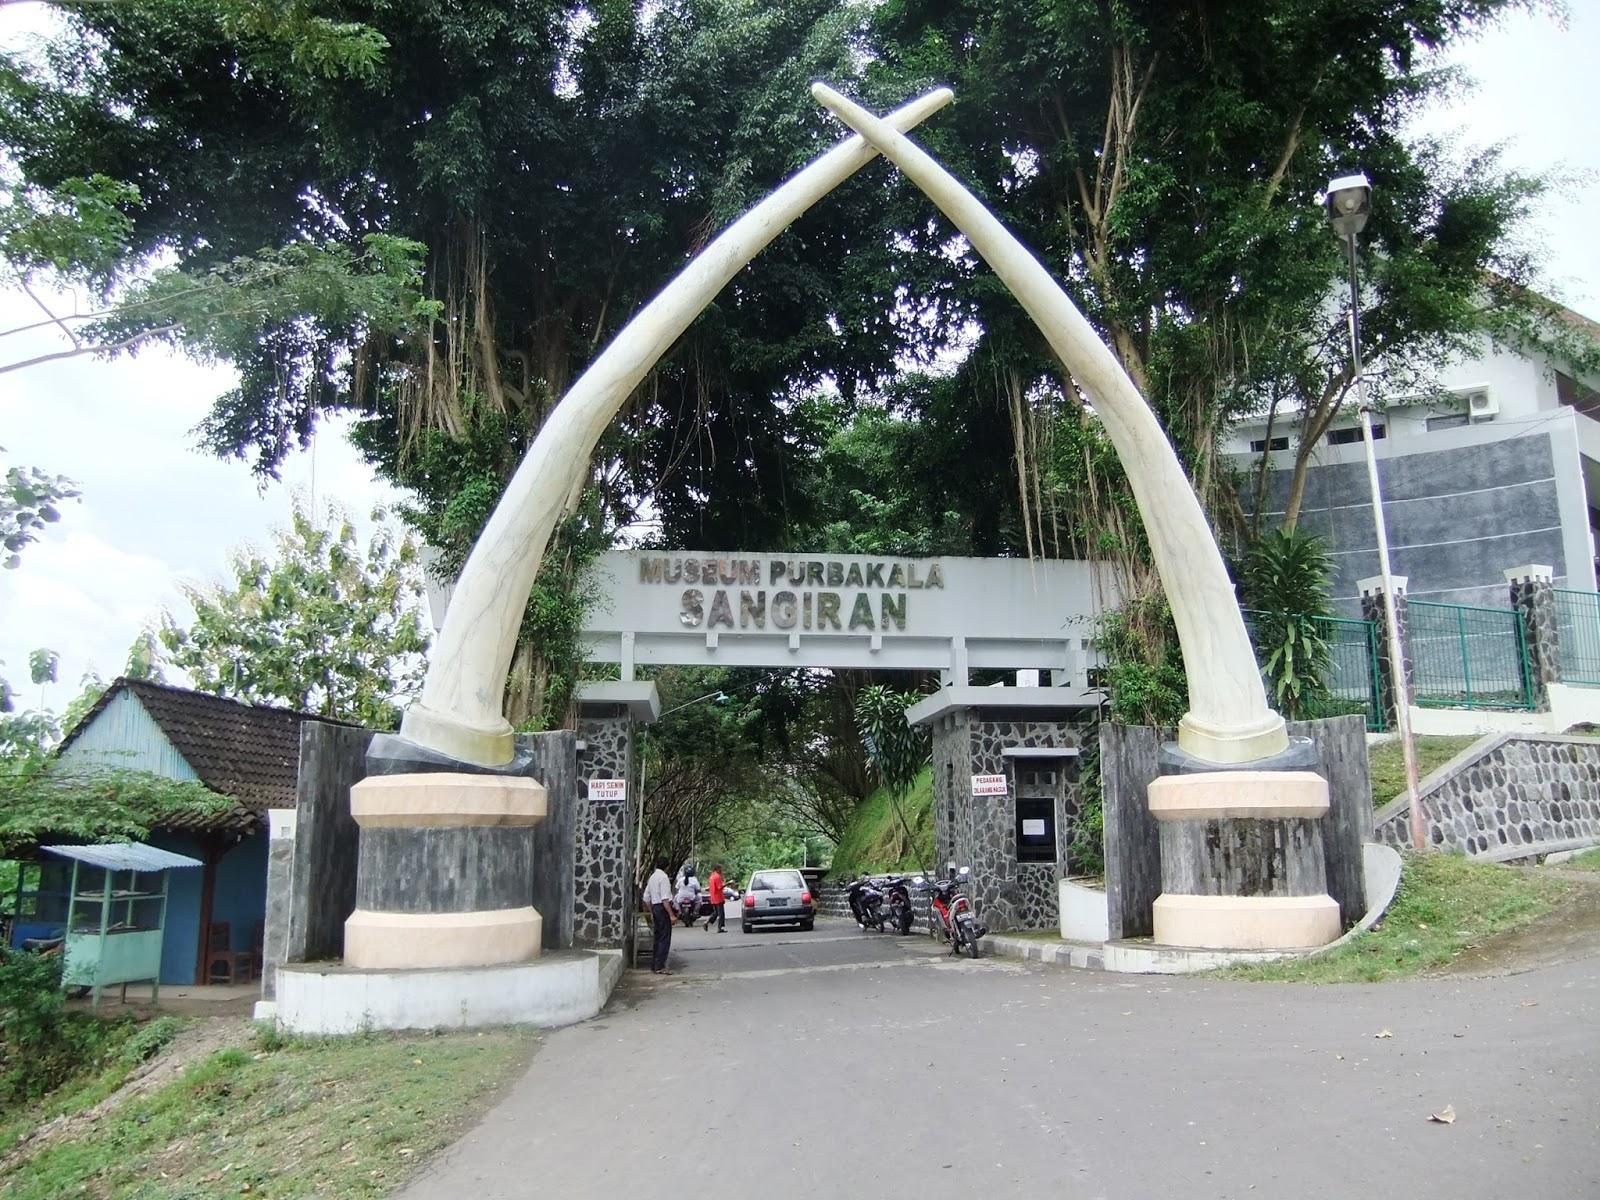 Menikmati Indahnya Wisata Sragen Tempat Indonesia 3 Museum Prasejarah Sangiran